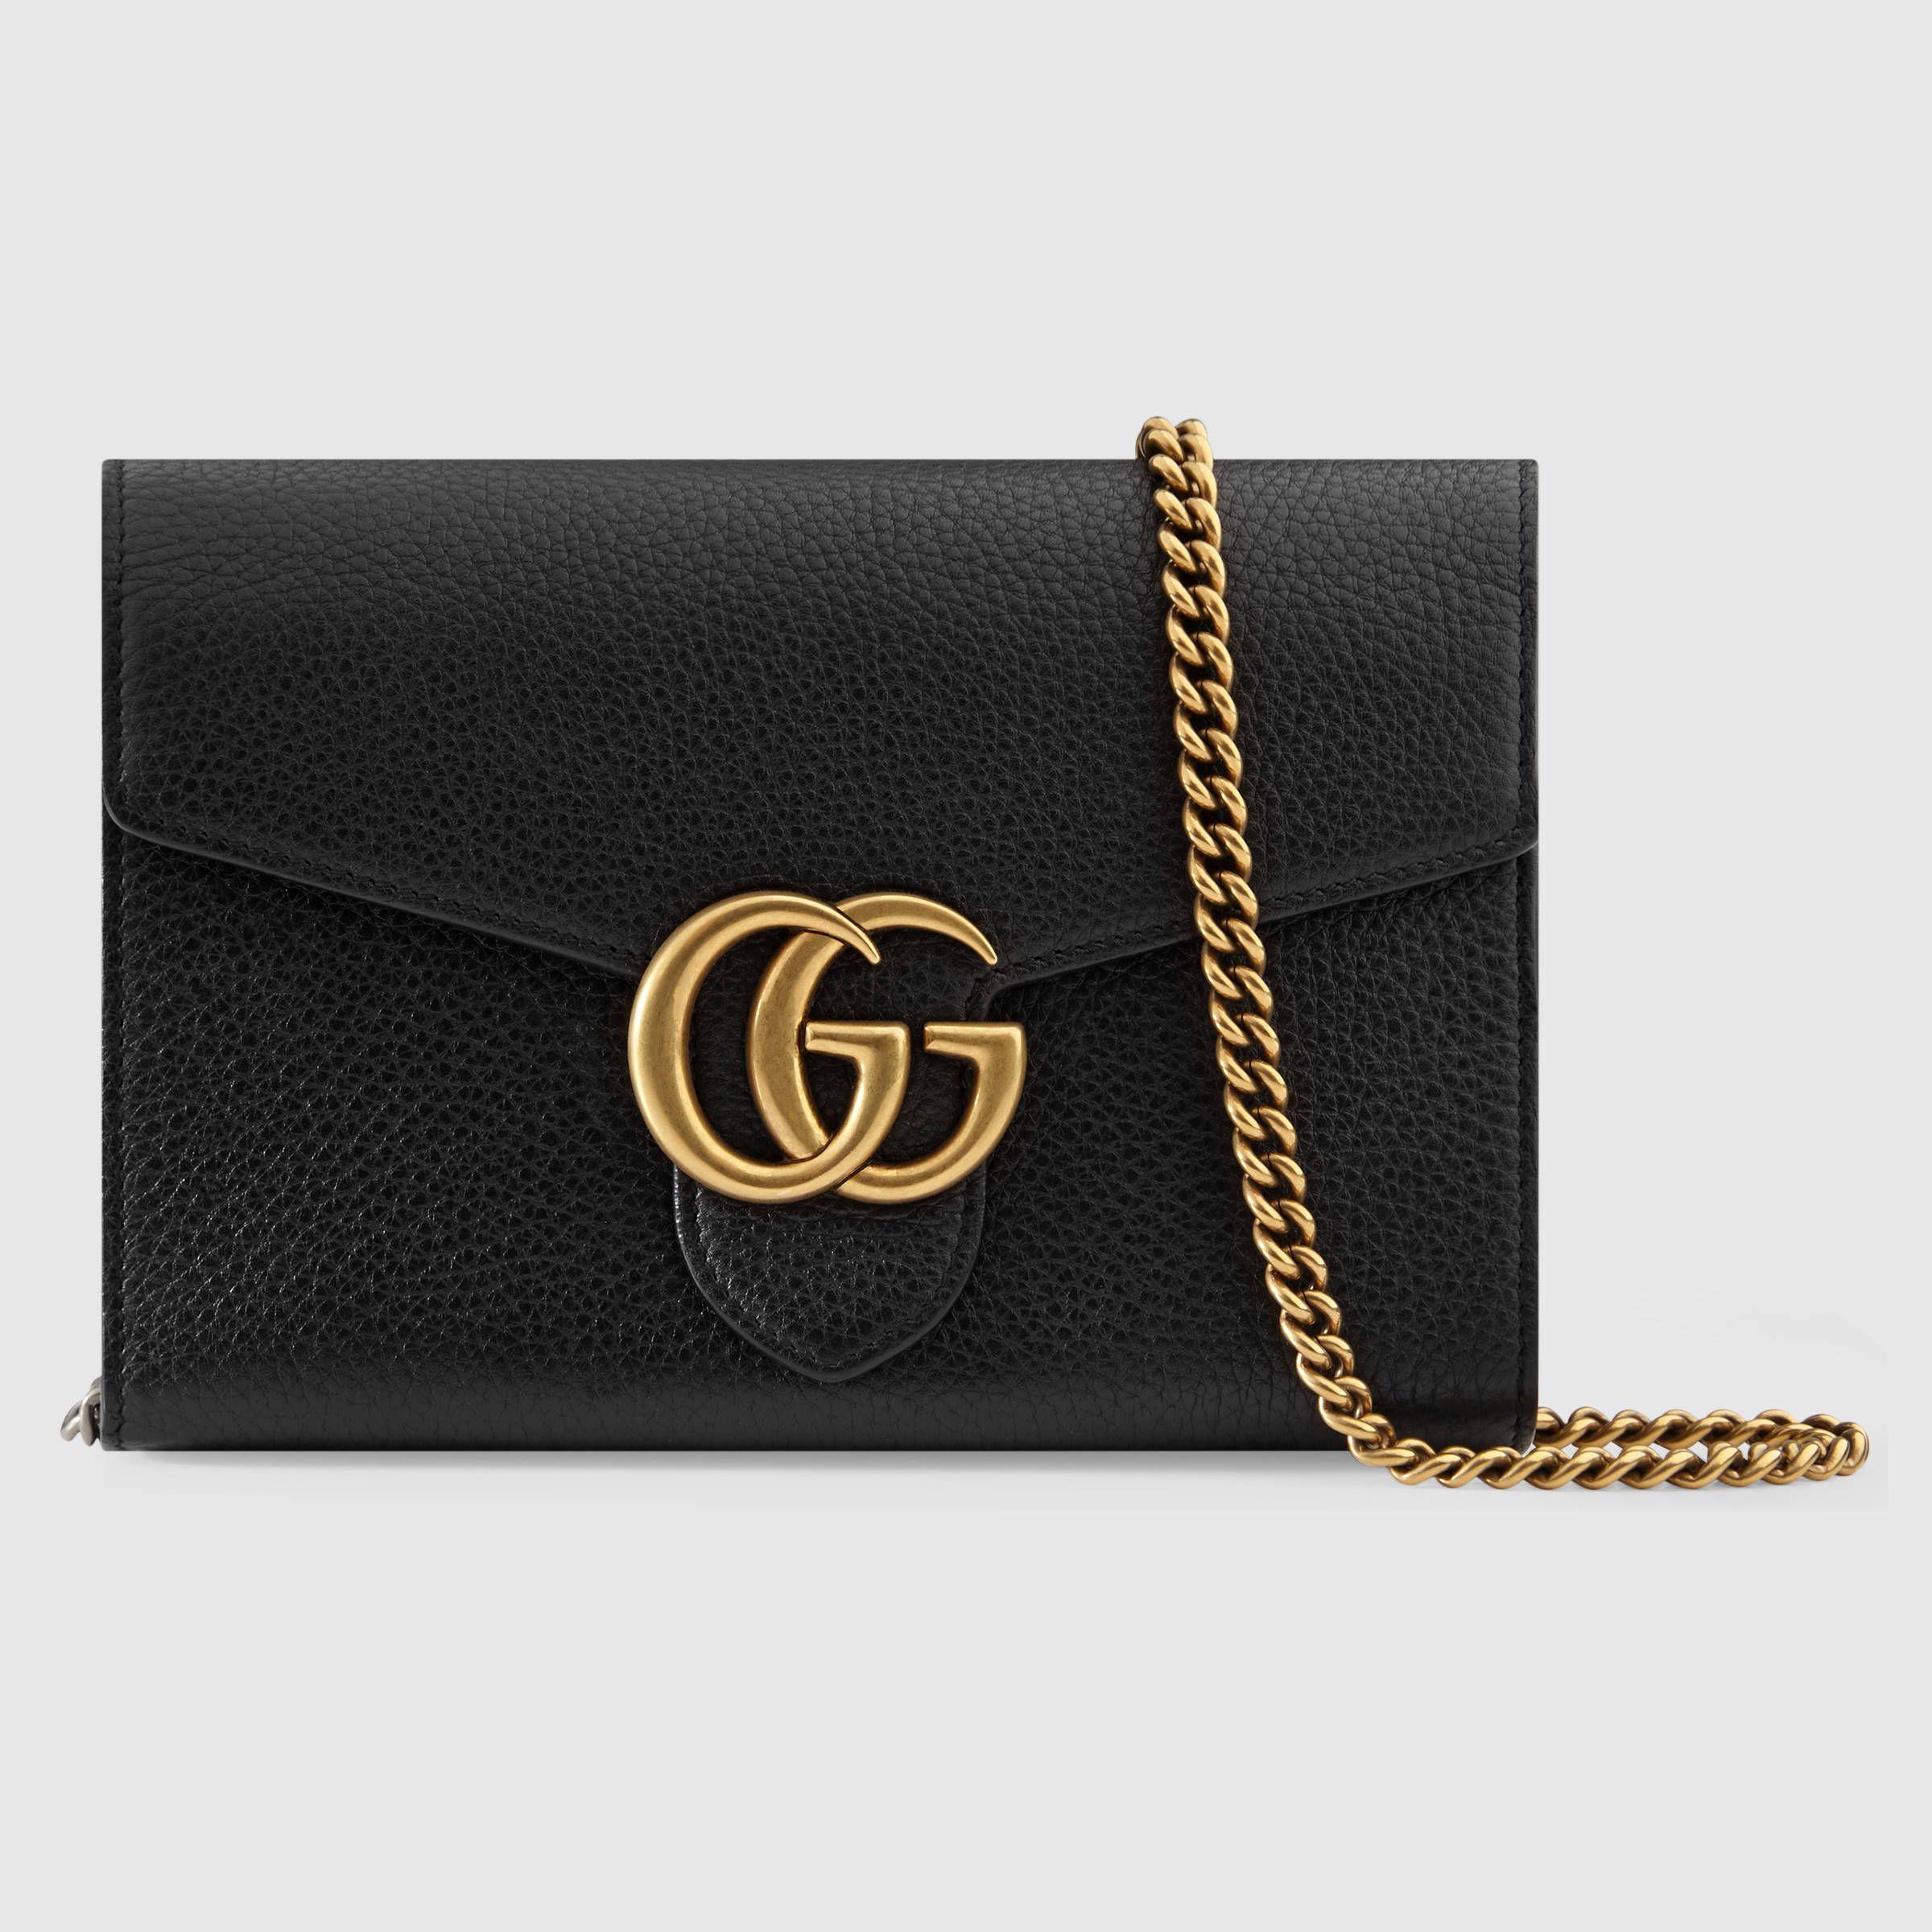 Gucci Gg Marmont Leather Mini Chain Bag Mini Chain Bag Gucci Chain Bag Genuine Leather Bags